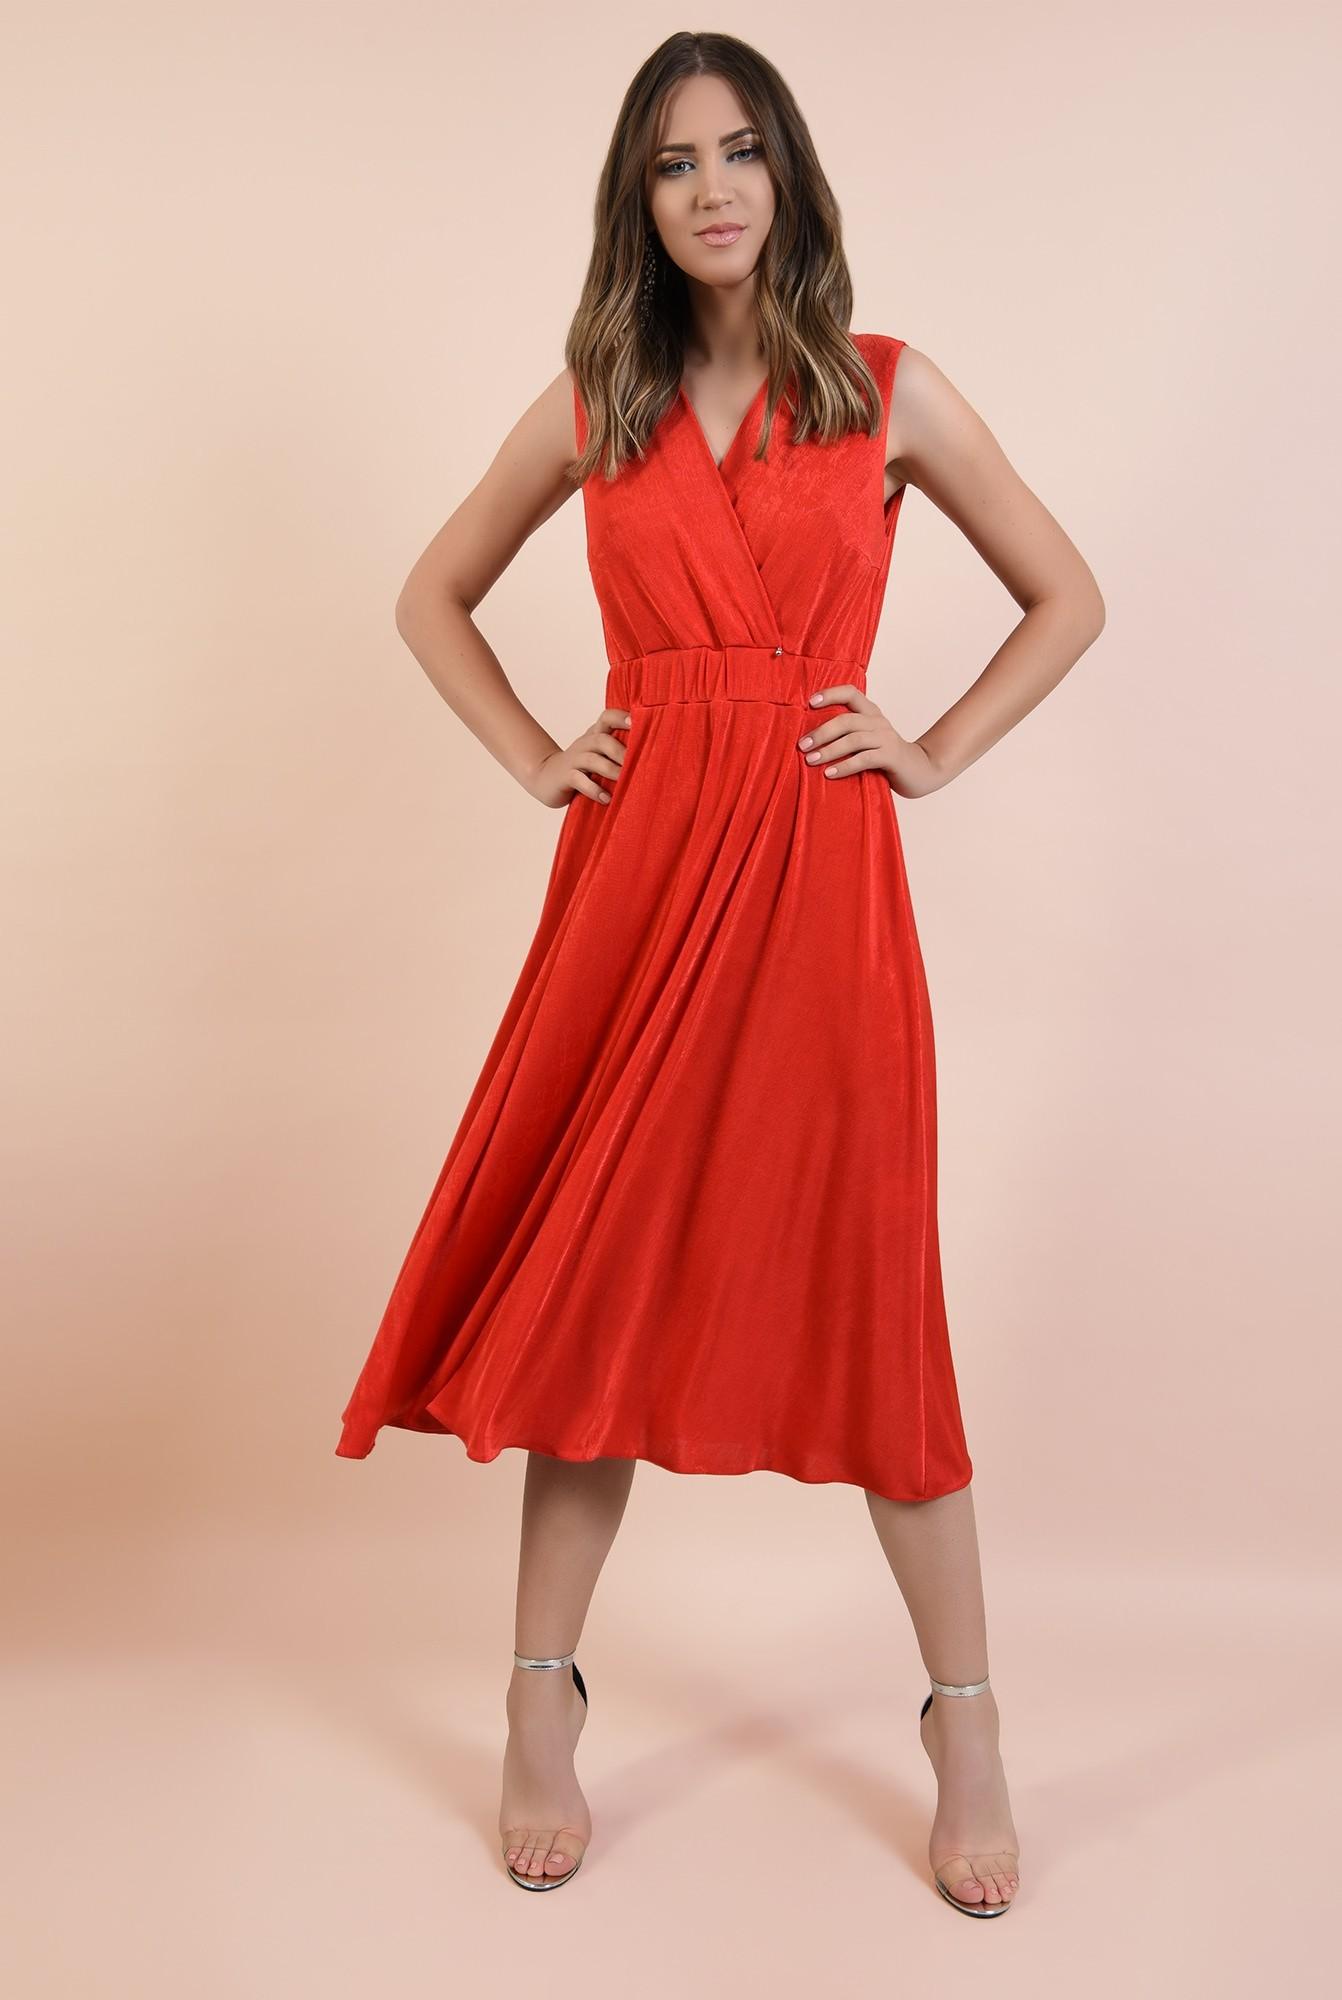 3 - rochie de seara, rosie, midi, evazata, spate cu snur, decolteu anchior petrecut